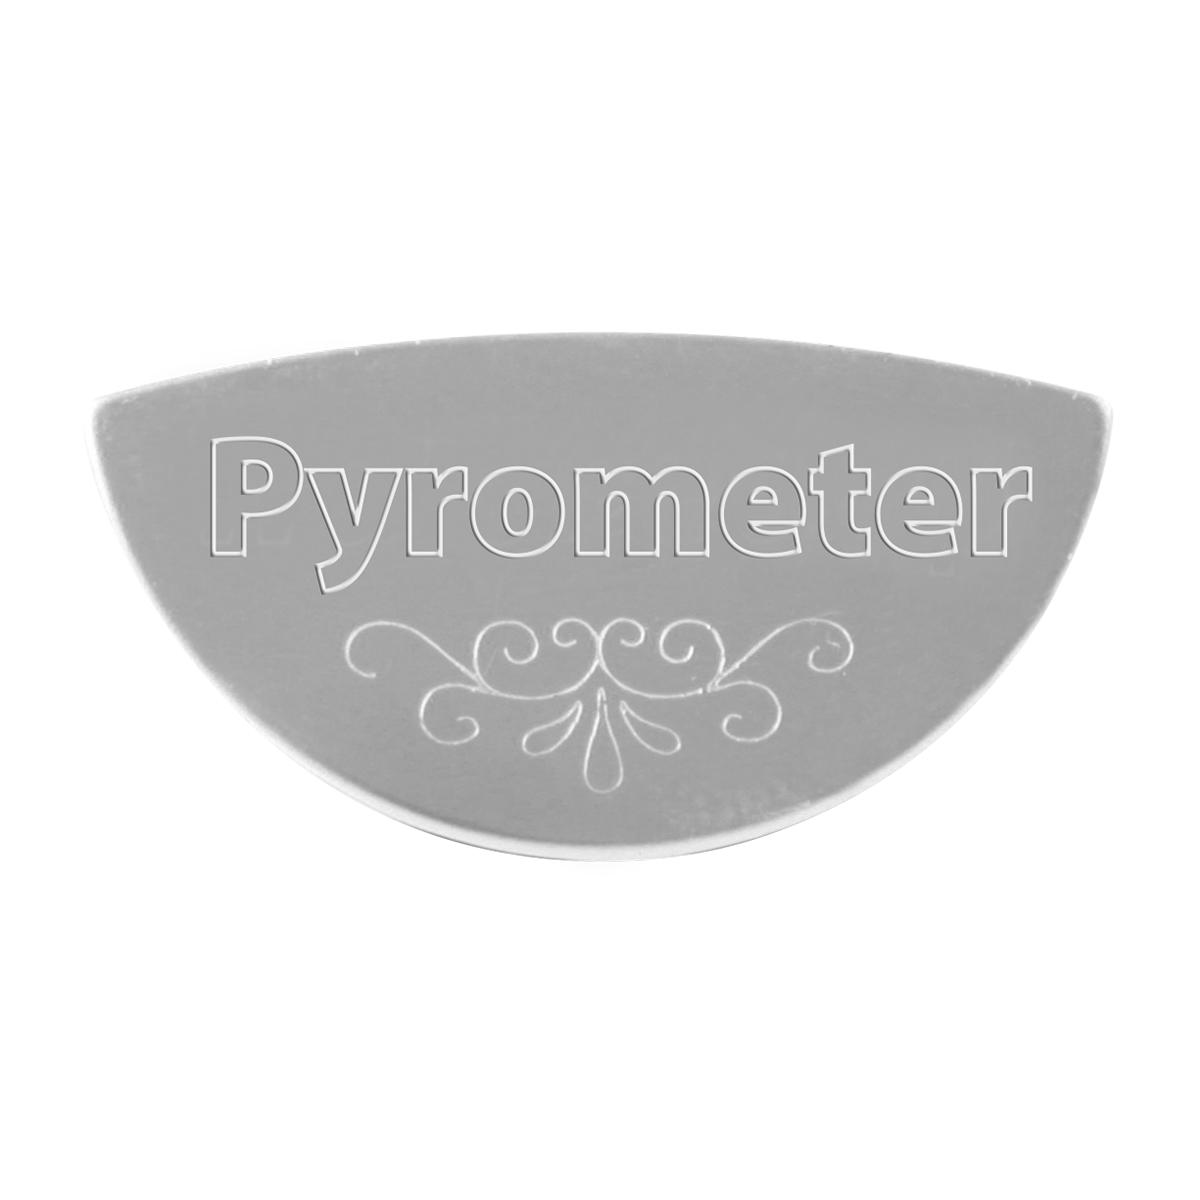 68645 Stainless Steel Pyrometer Gauge Emblem for KW